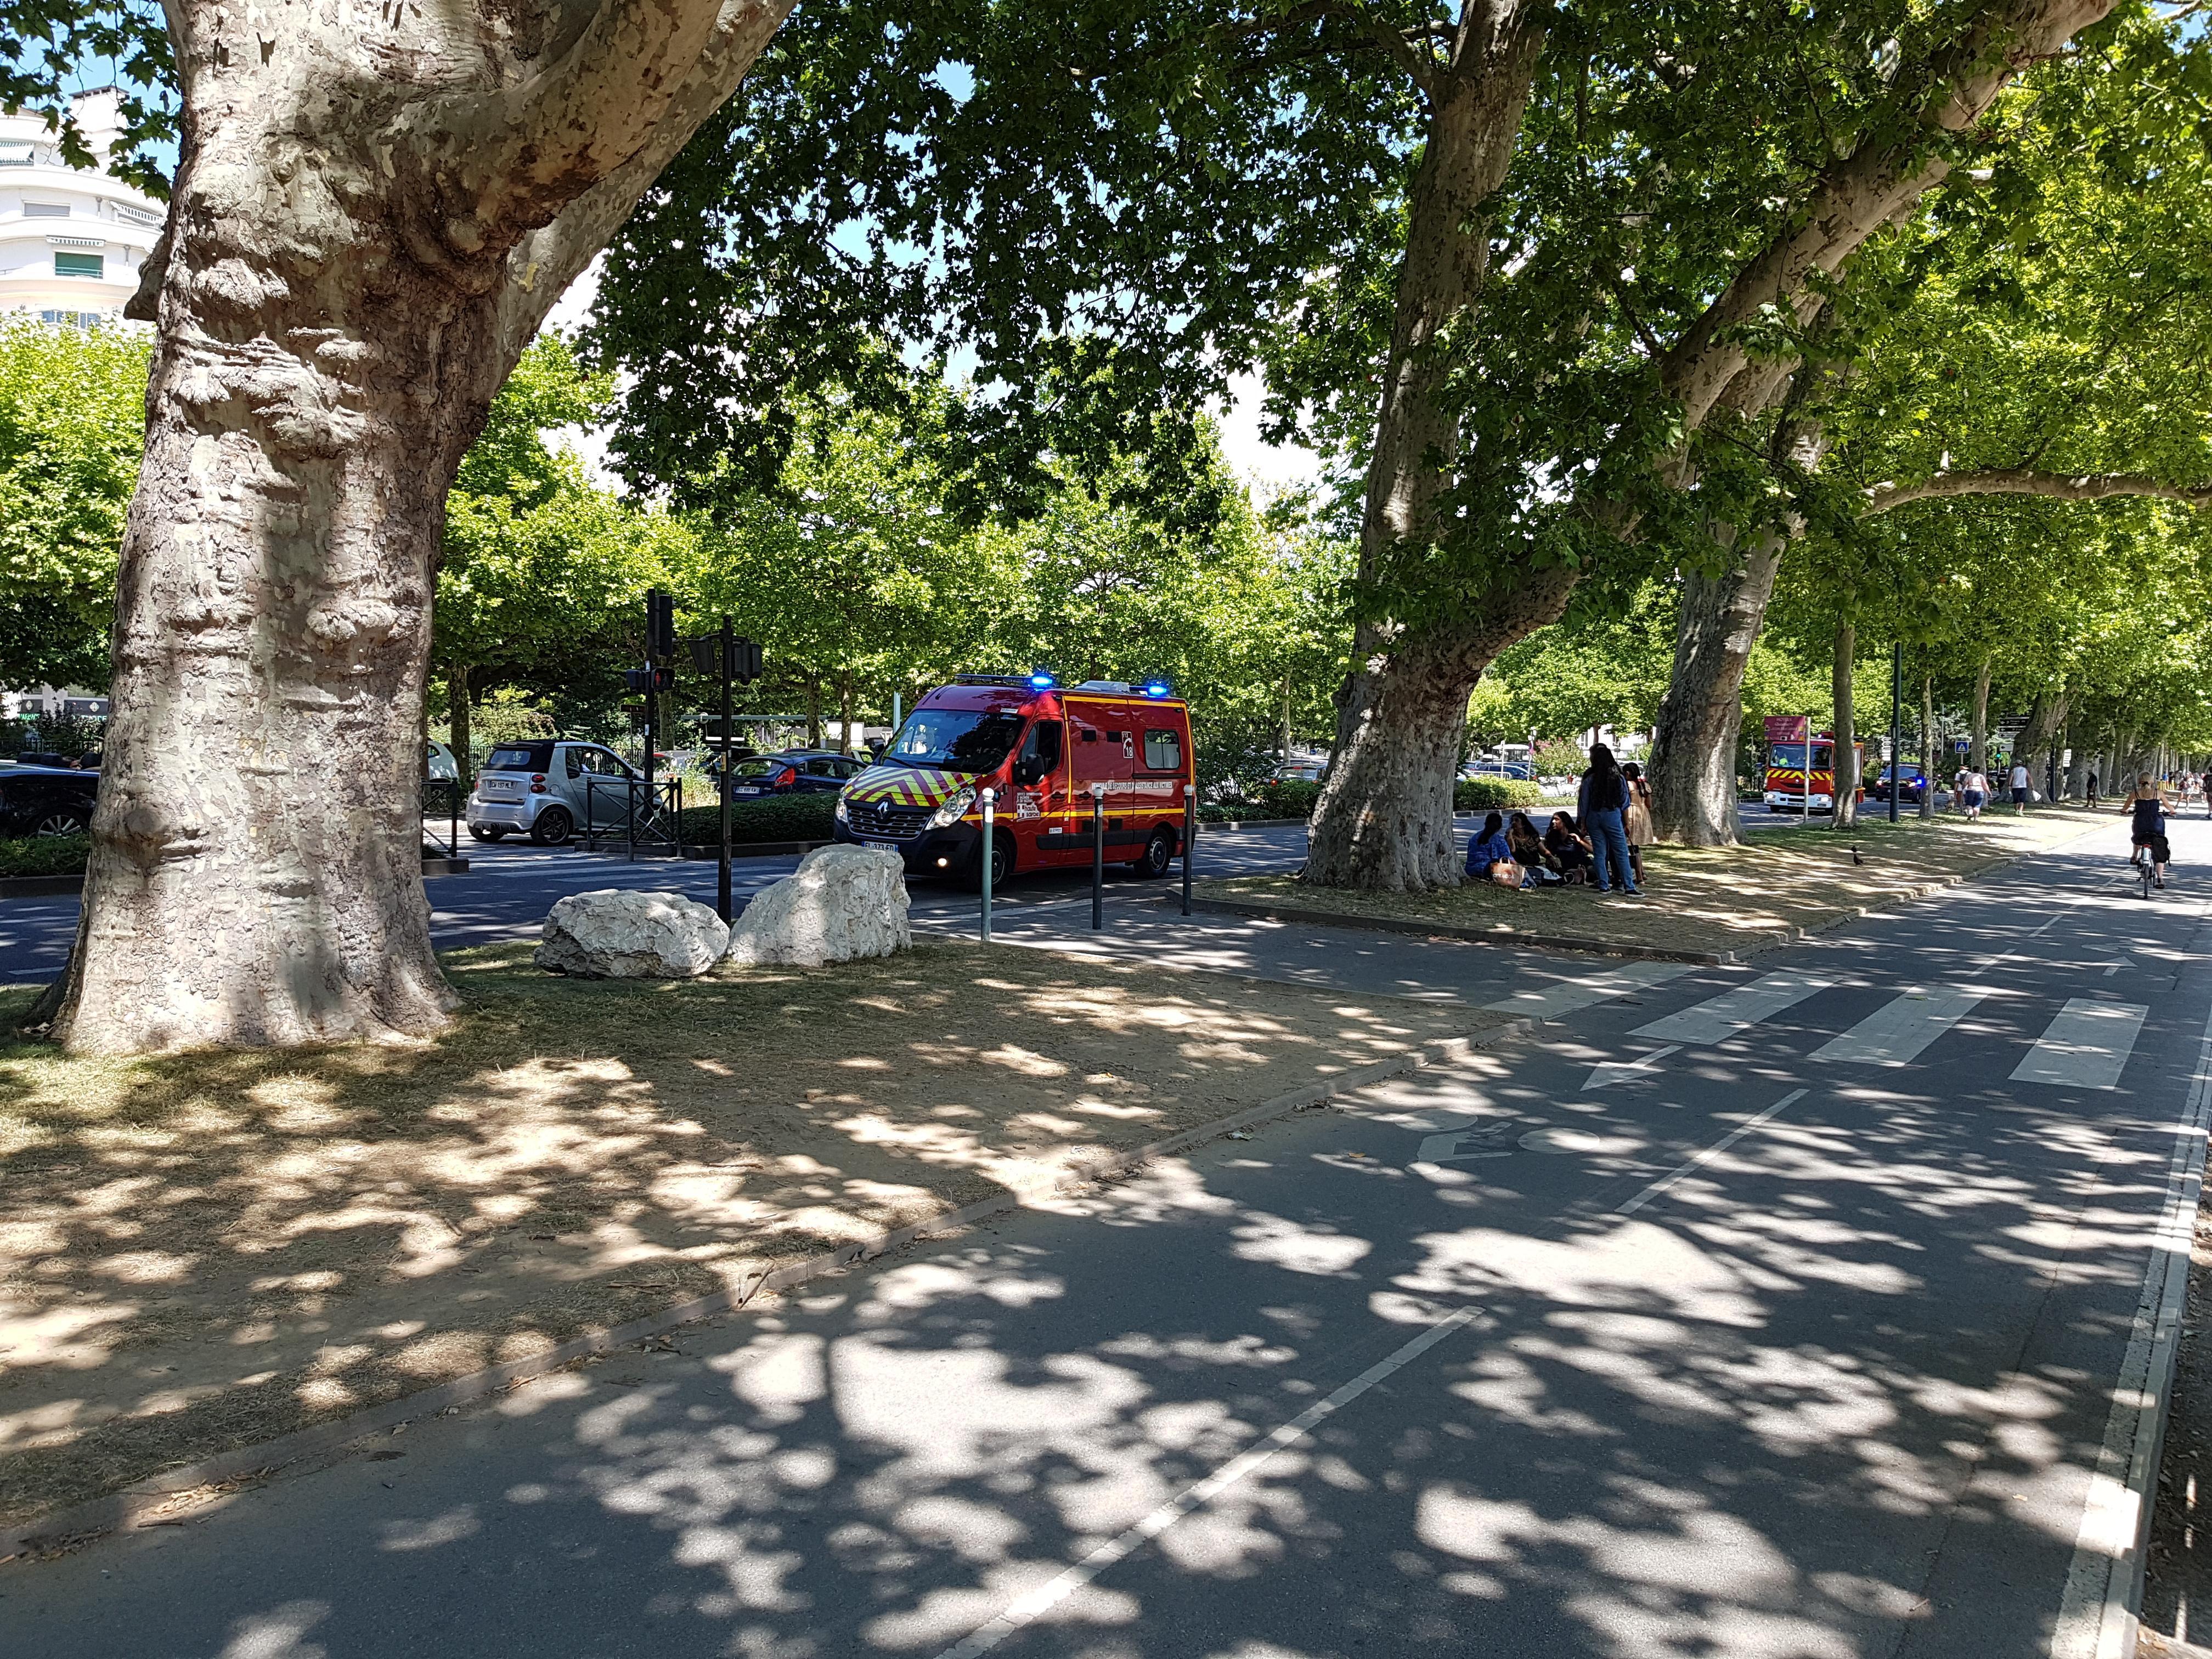 L'accident s'est produit jeudi 23 juillet 2020 sur l'avenue d'Albigny à Annecy.